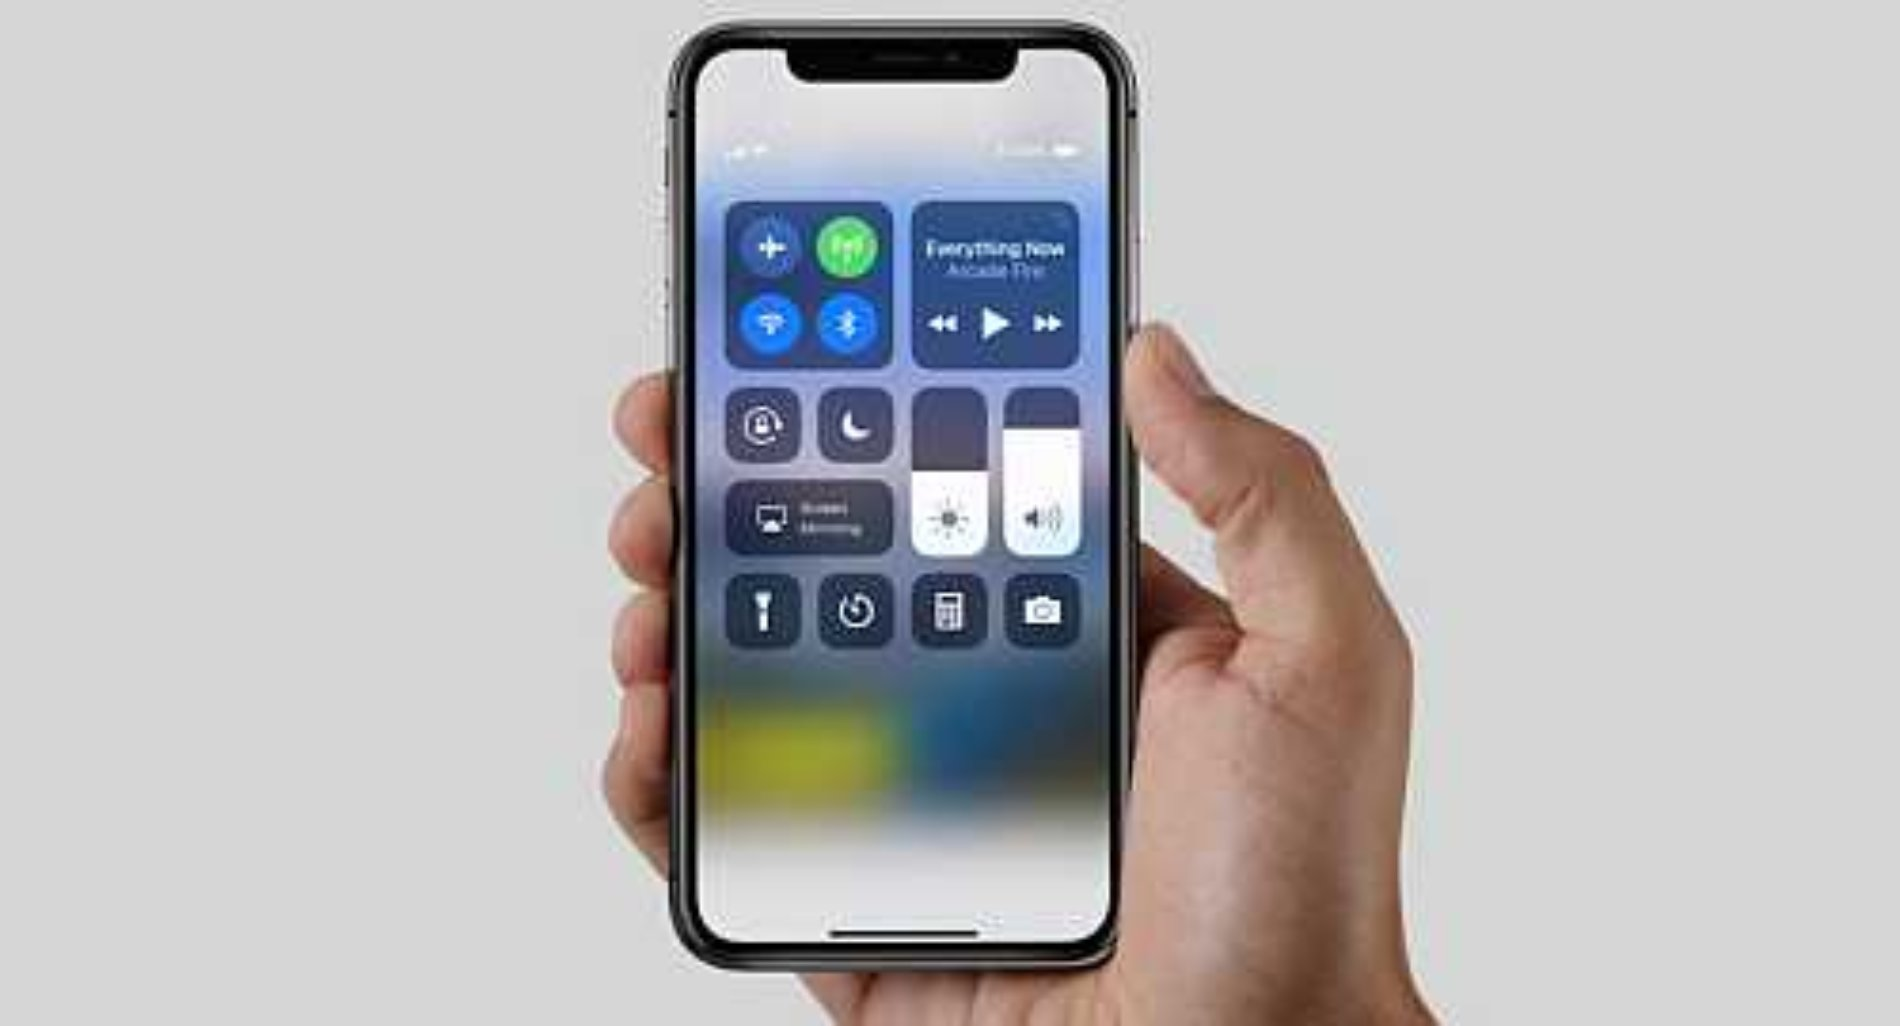 Brooke Amelia publico un vídeo donde sale un iPhone X y Apple despide a su padre, quien trabajaba para ellos